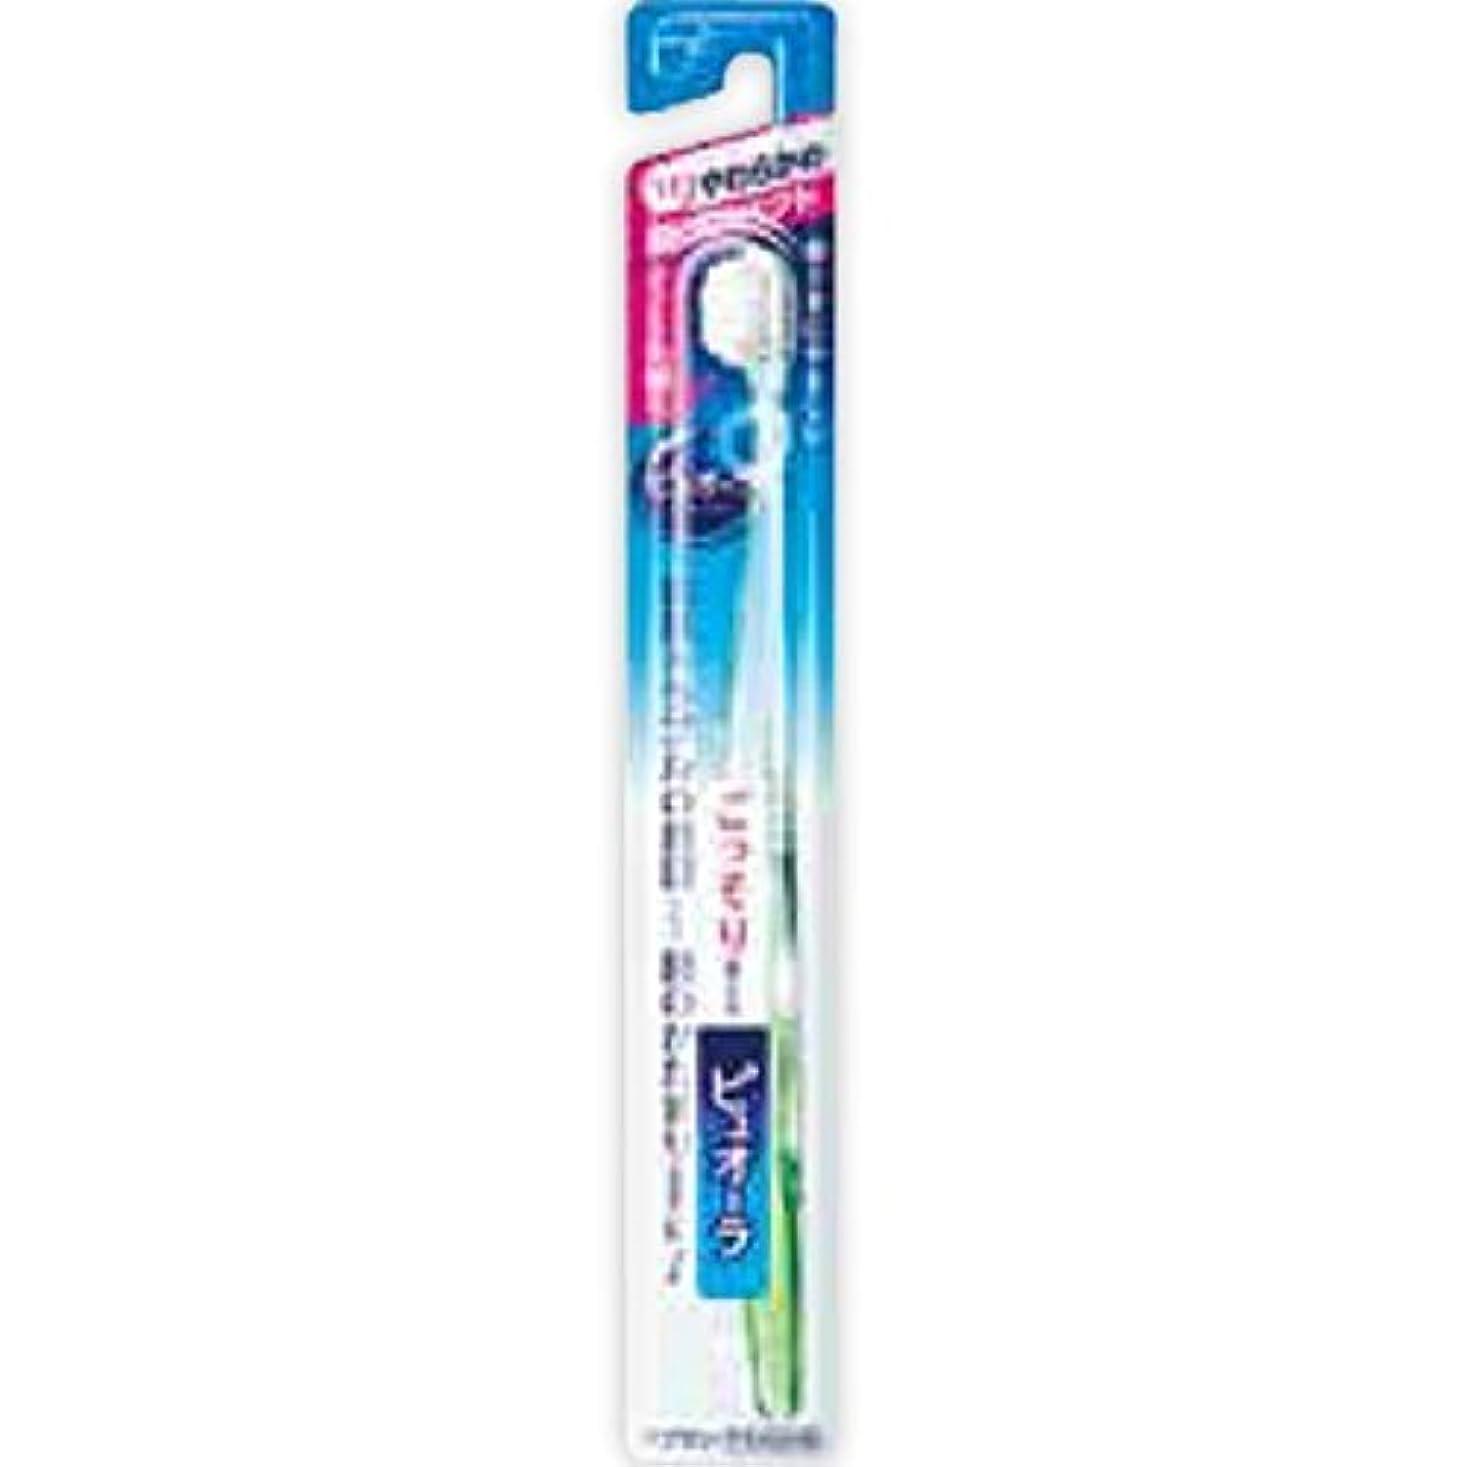 【花王】ピュオーラ 歯ブラシ超コンパクト やわらかめ (1本) ×20個セット